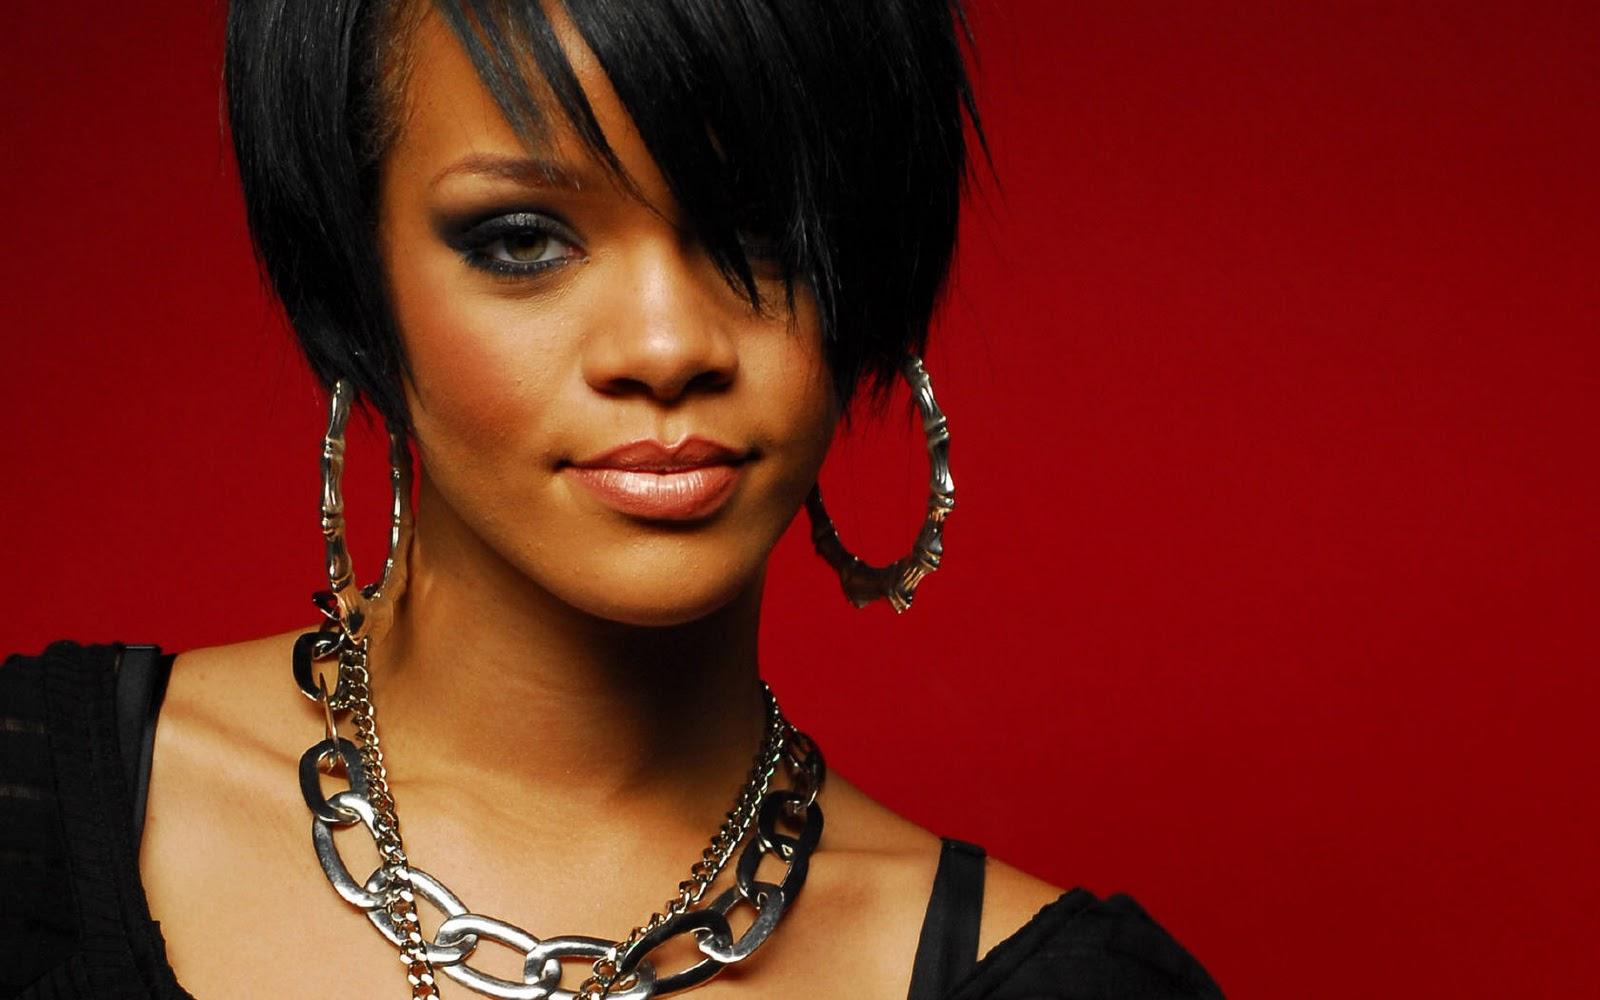 http://2.bp.blogspot.com/-5AfJJZvjb0E/TqIbrcdthKI/AAAAAAAAHDI/4vnIf0FRTfs/s1600/Rihanna+Wallpaper+1680x1050.jpg